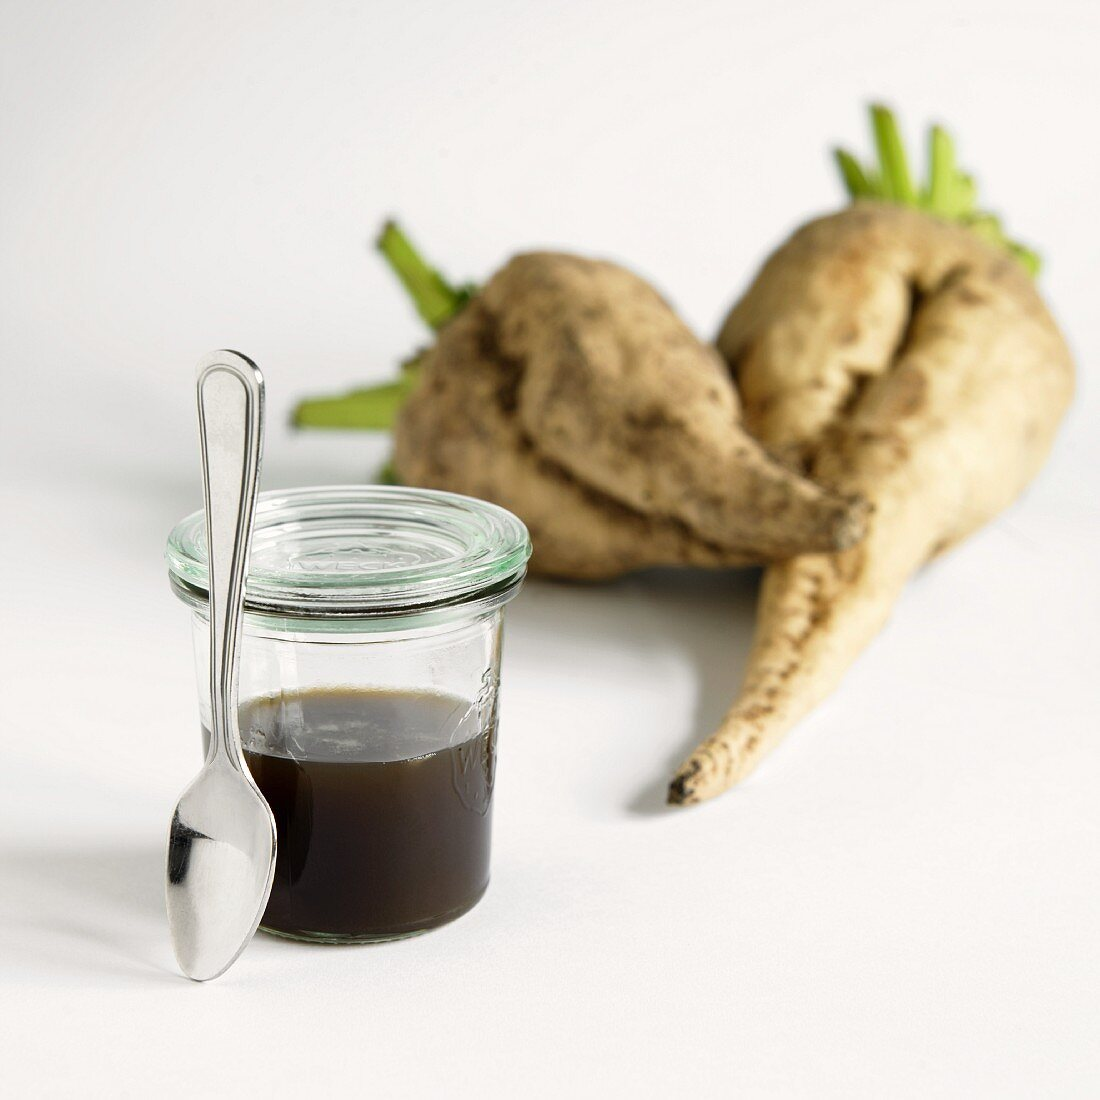 A Jar of Sugar Beet Syrup with Fresh Sugar Beets